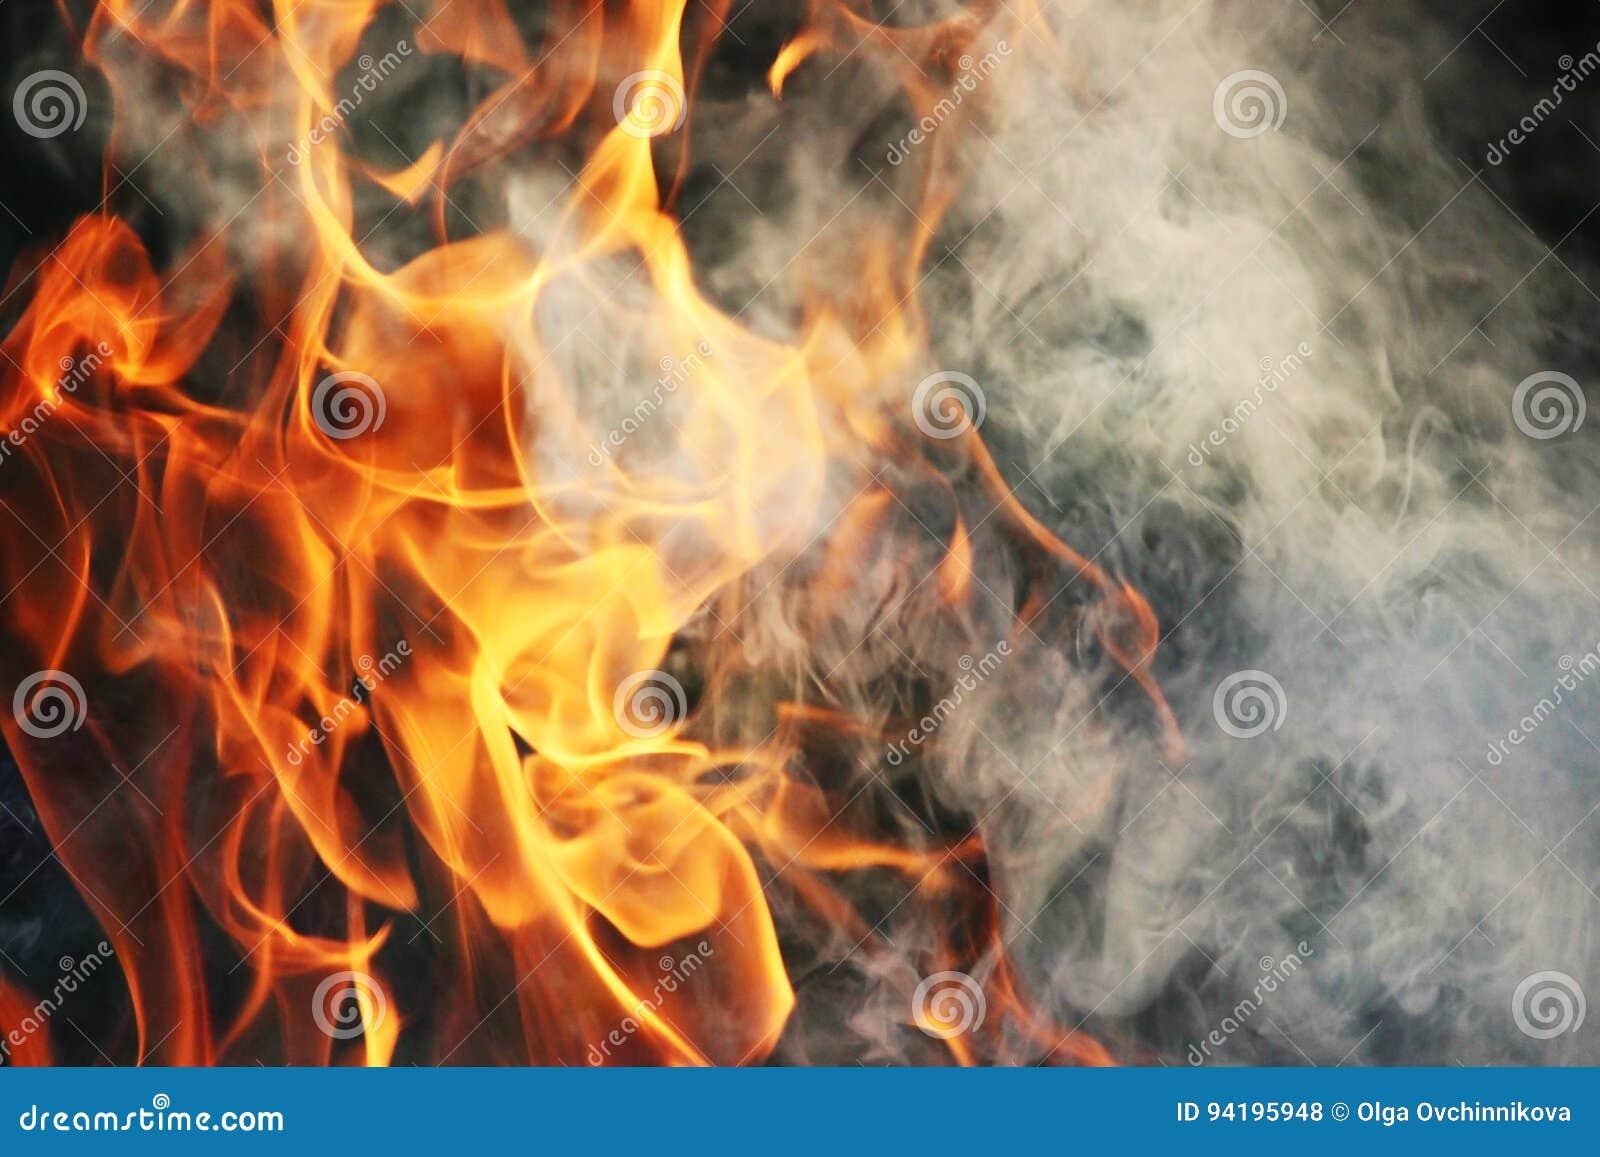 Ein Kulttanz des Feuers und des Rauches gegen einen Hintergrund des grünen Grases Drei Elemente